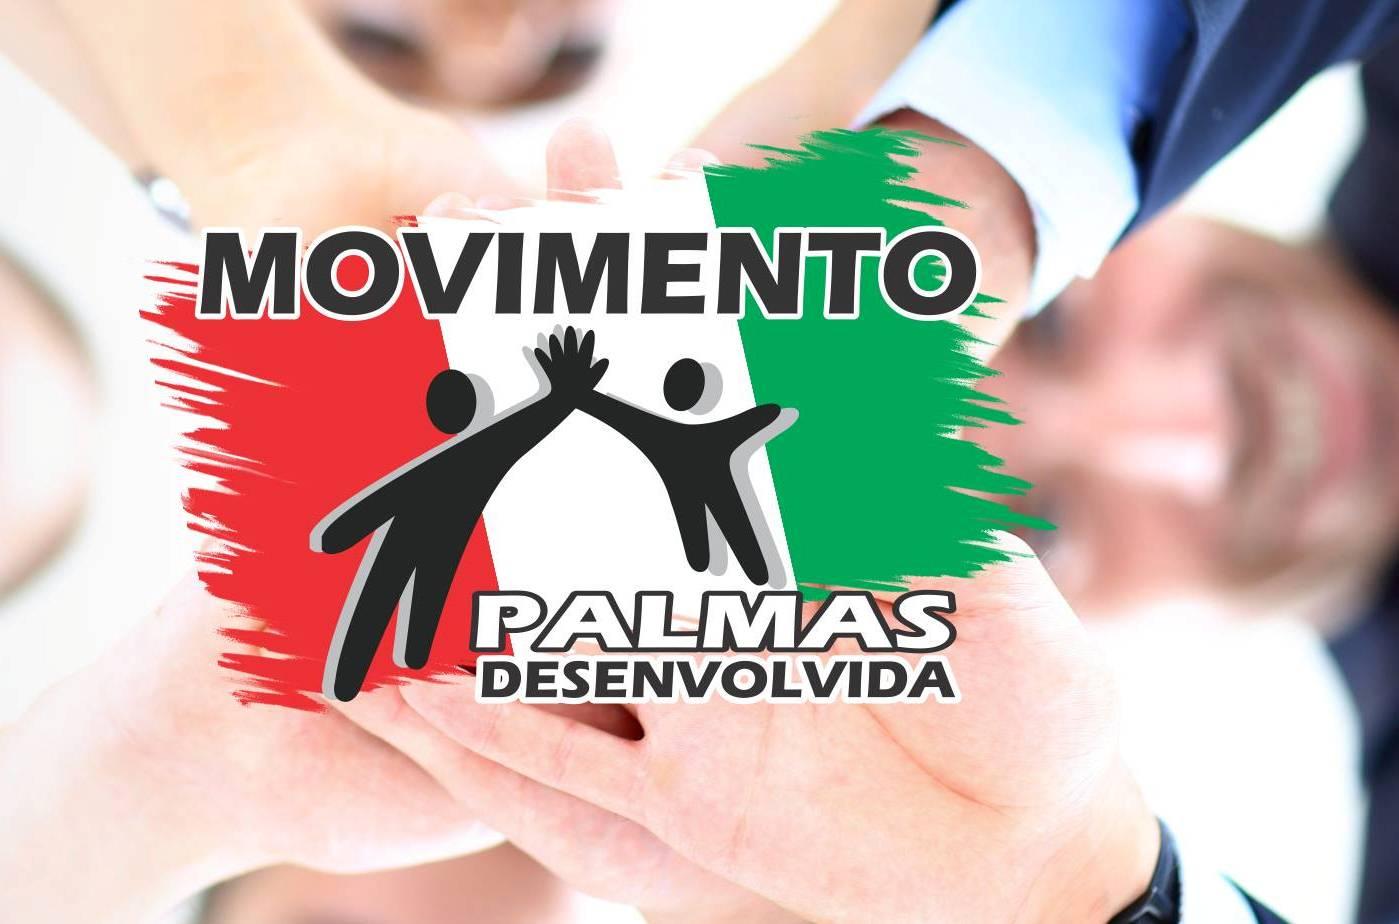 Oito eleitos no último domingo assinaram a Carta de Palmas